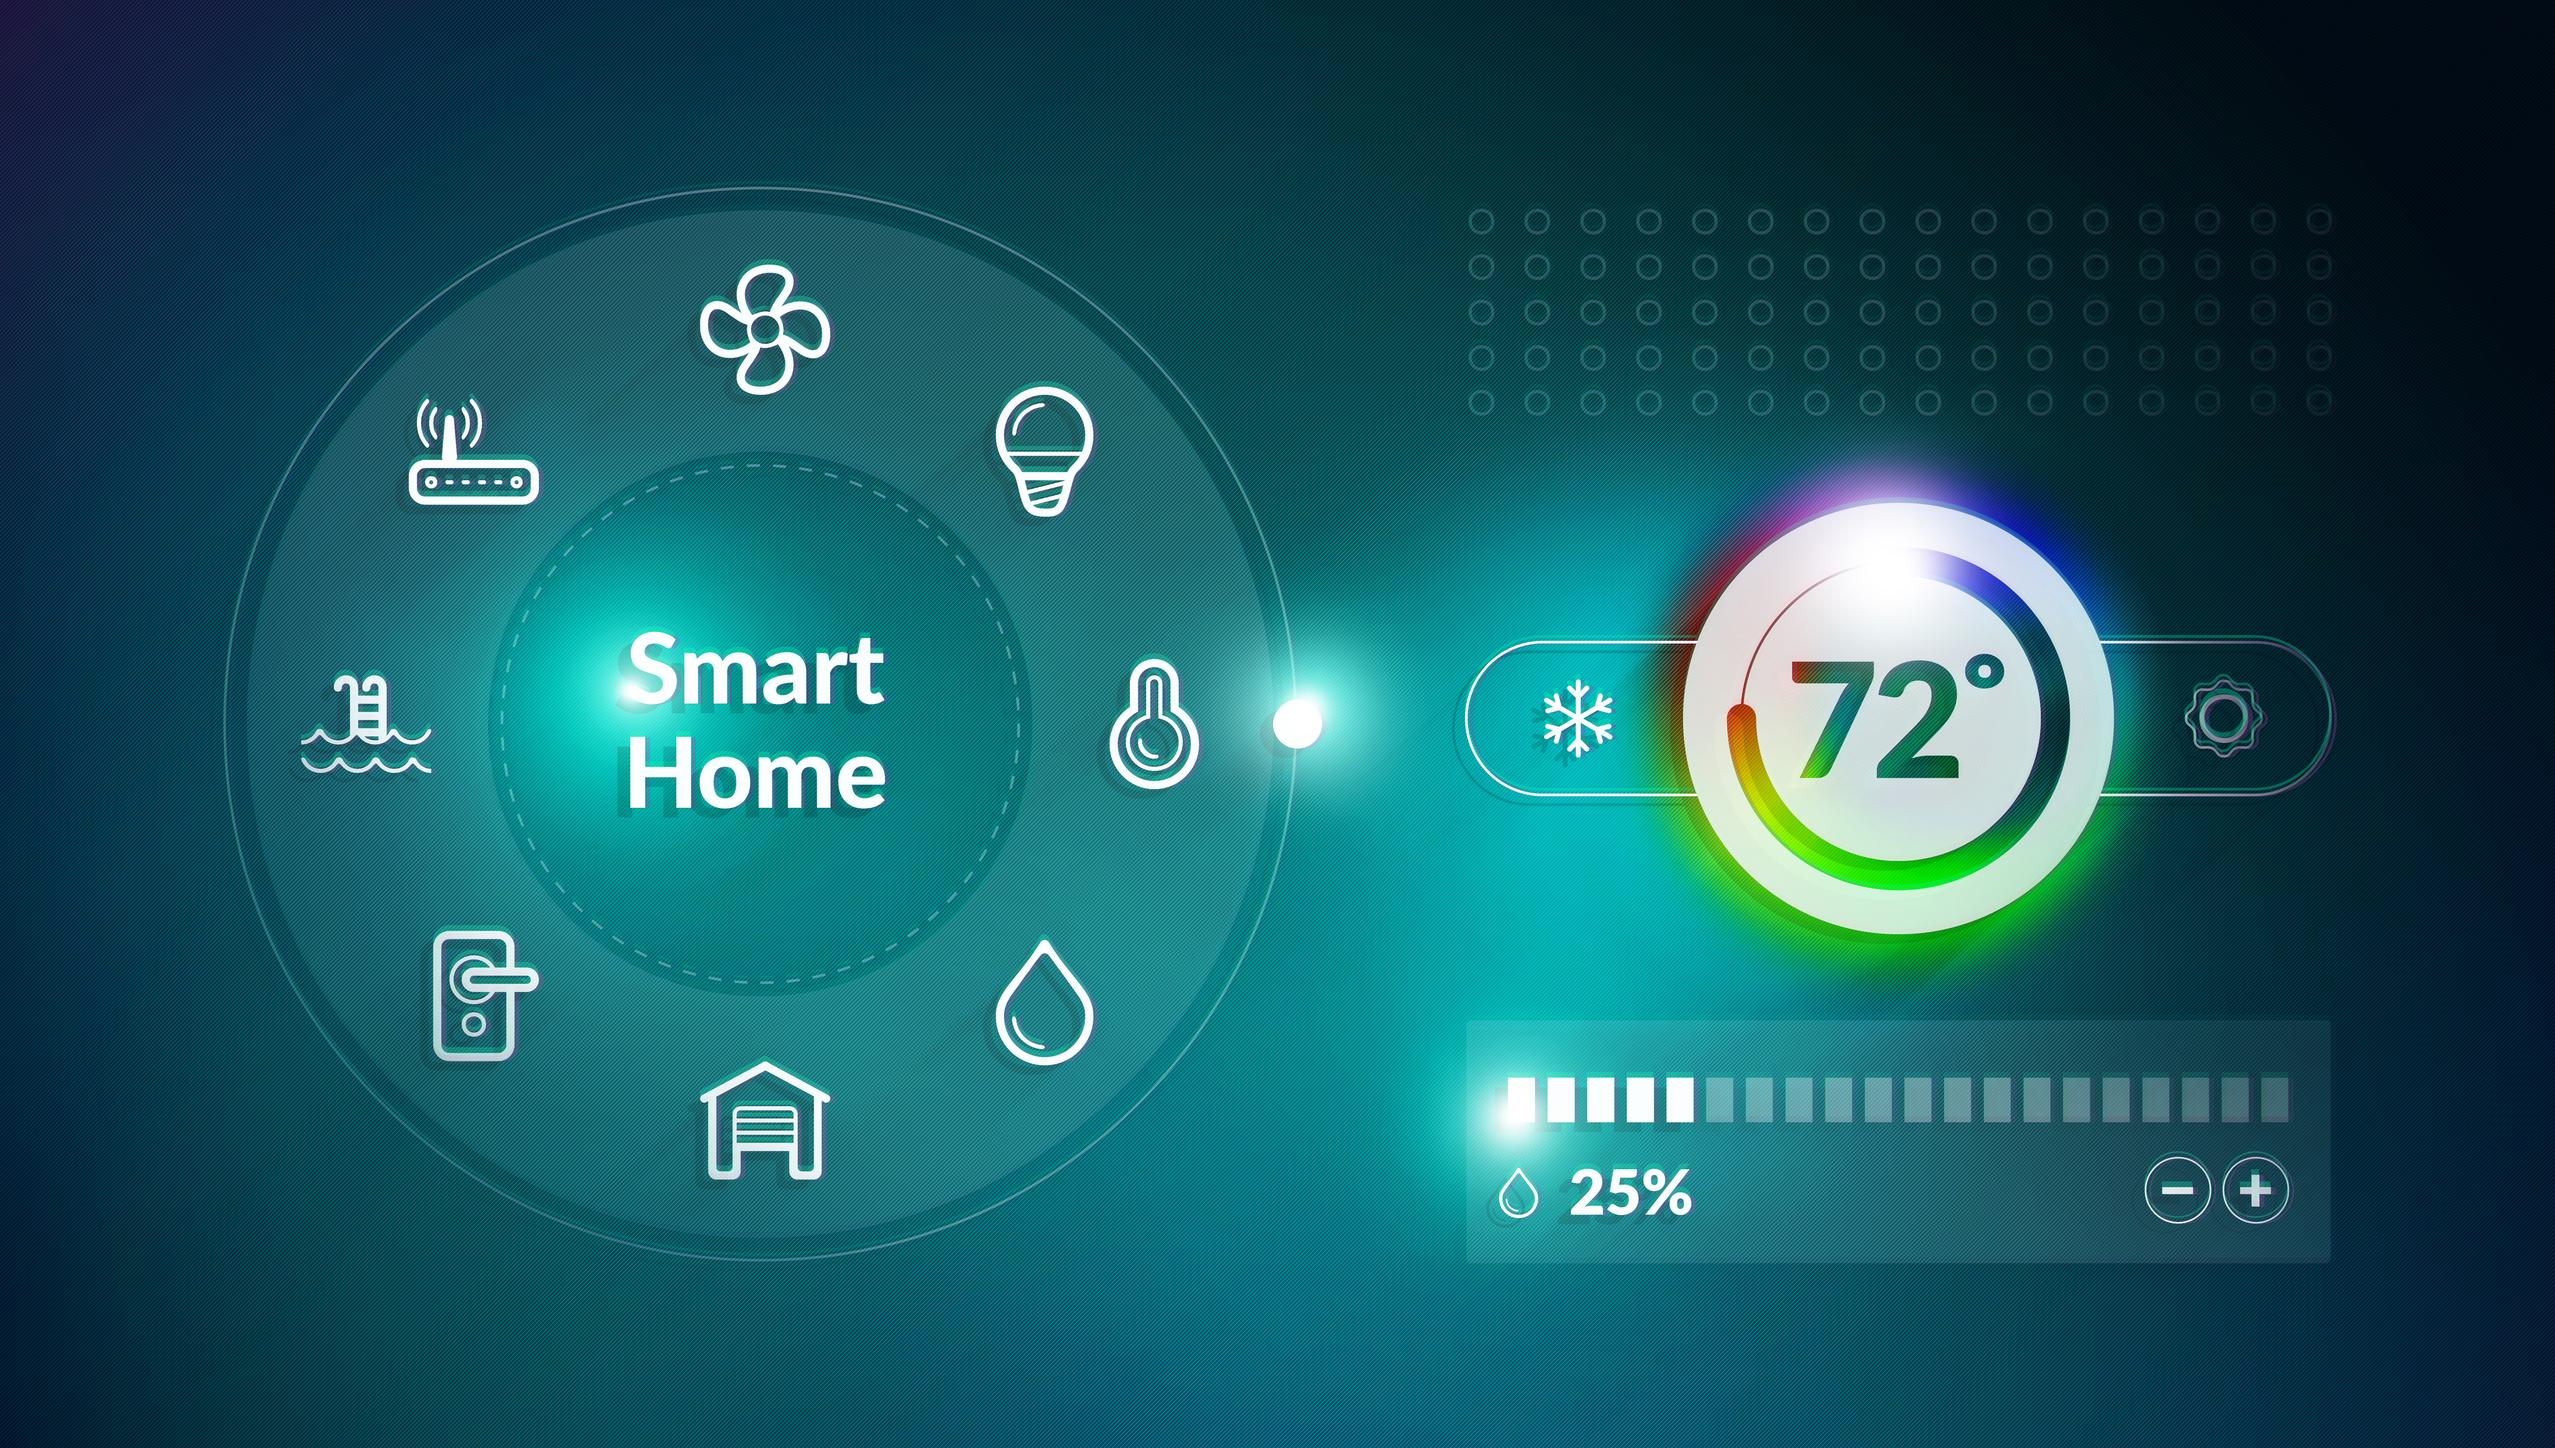 f r das smarte eigenheim automatisierung mit radarsensoren. Black Bedroom Furniture Sets. Home Design Ideas